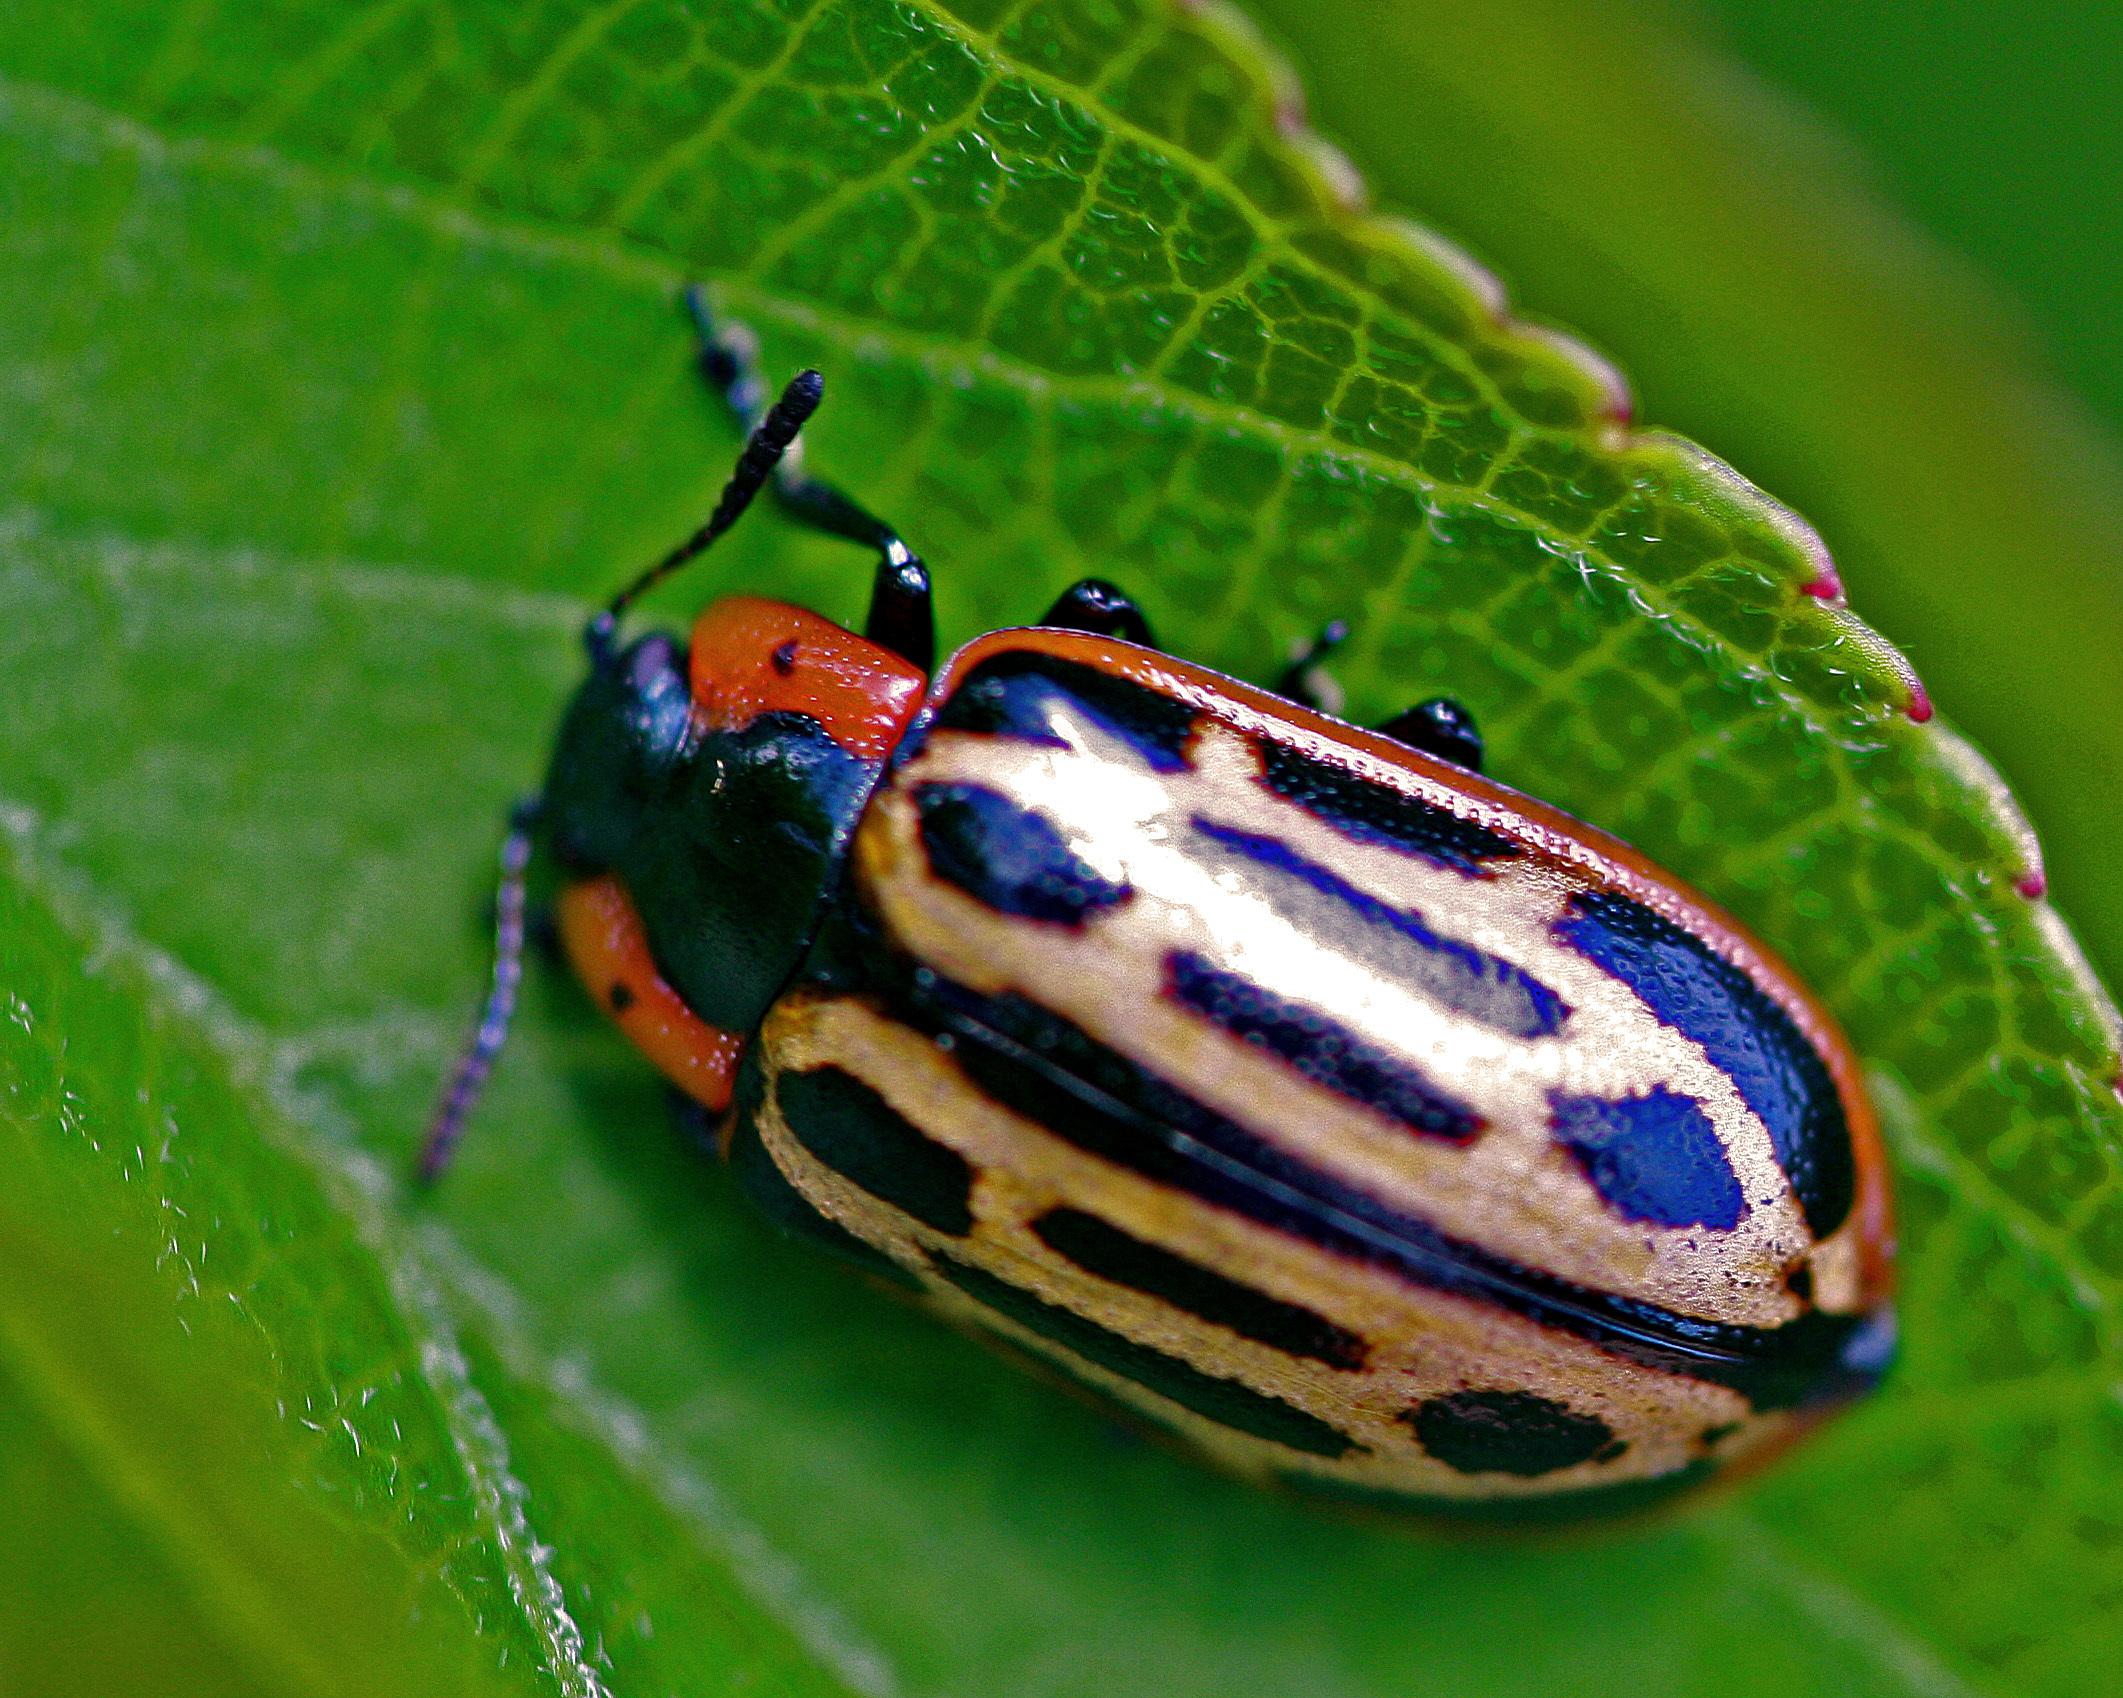 Image of Cottonwood Leaf Beetle